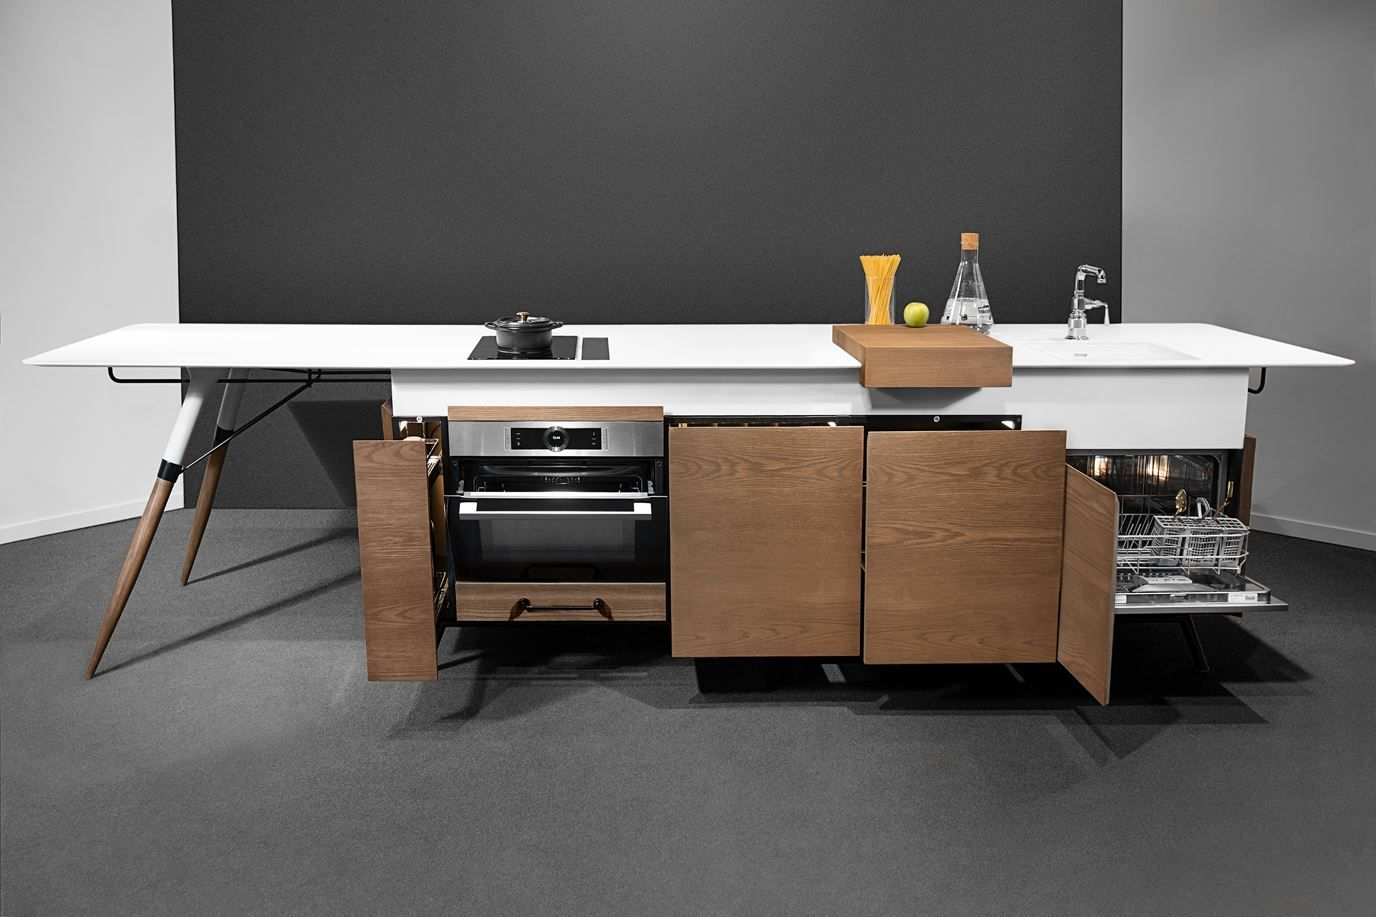 Cape Cod Küche, Konzept Küchen, Kompakte Küche, Bilder Von Der Küche, Küche  Designs, Köln, Kleines Wohnzimmer, Gallery Gallery